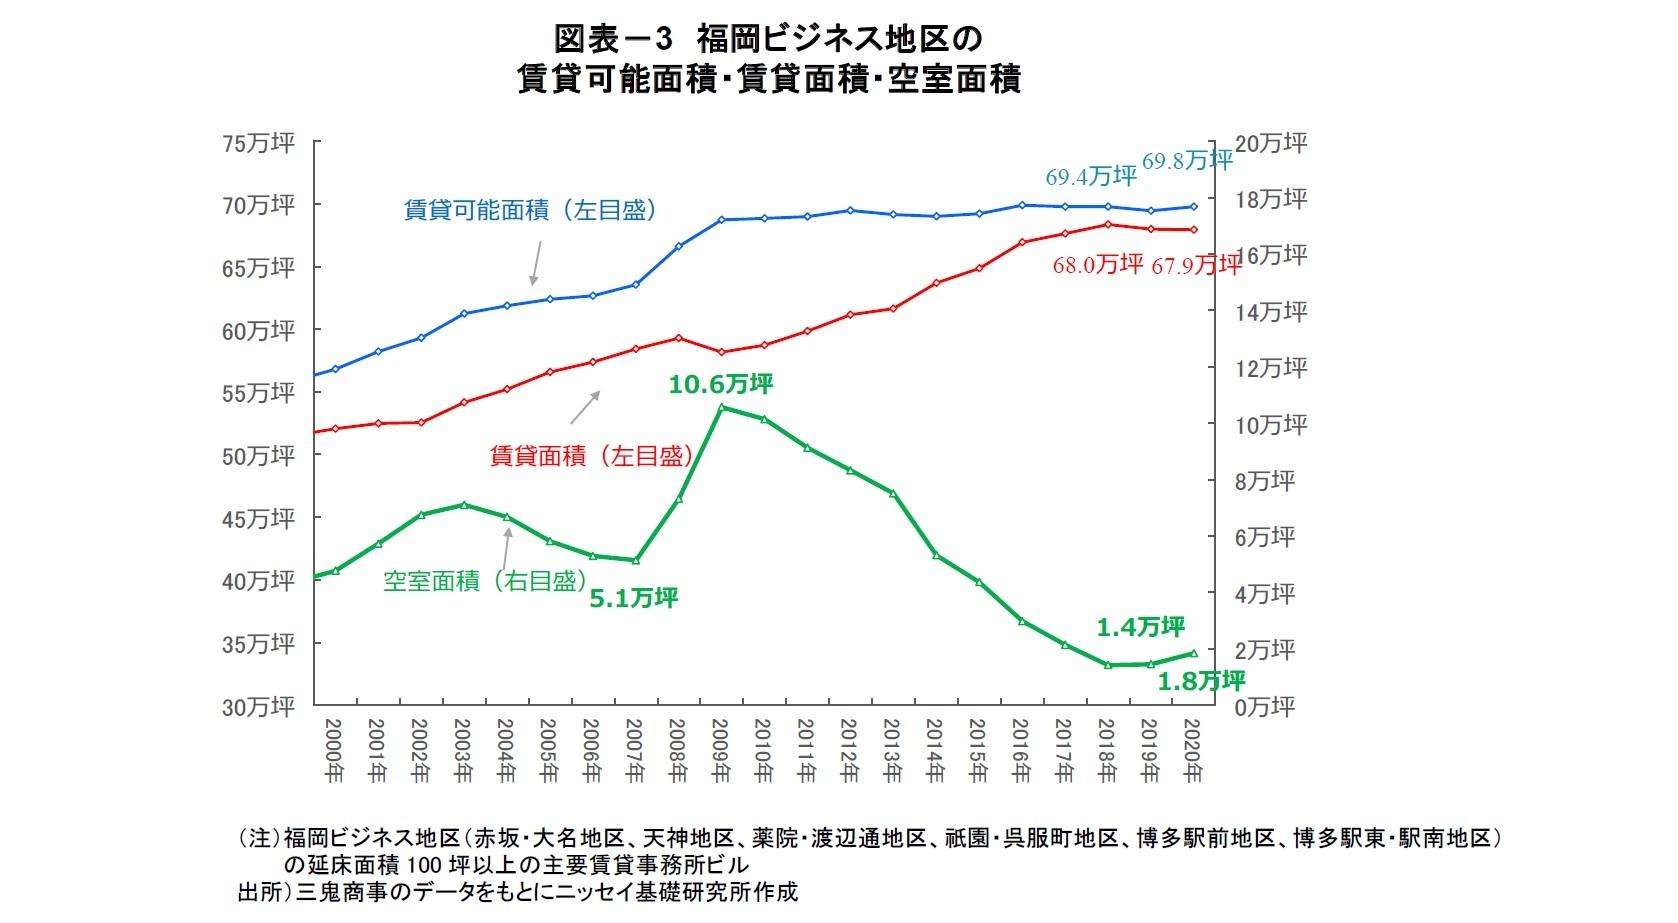 今日 福岡 コロナ 速報